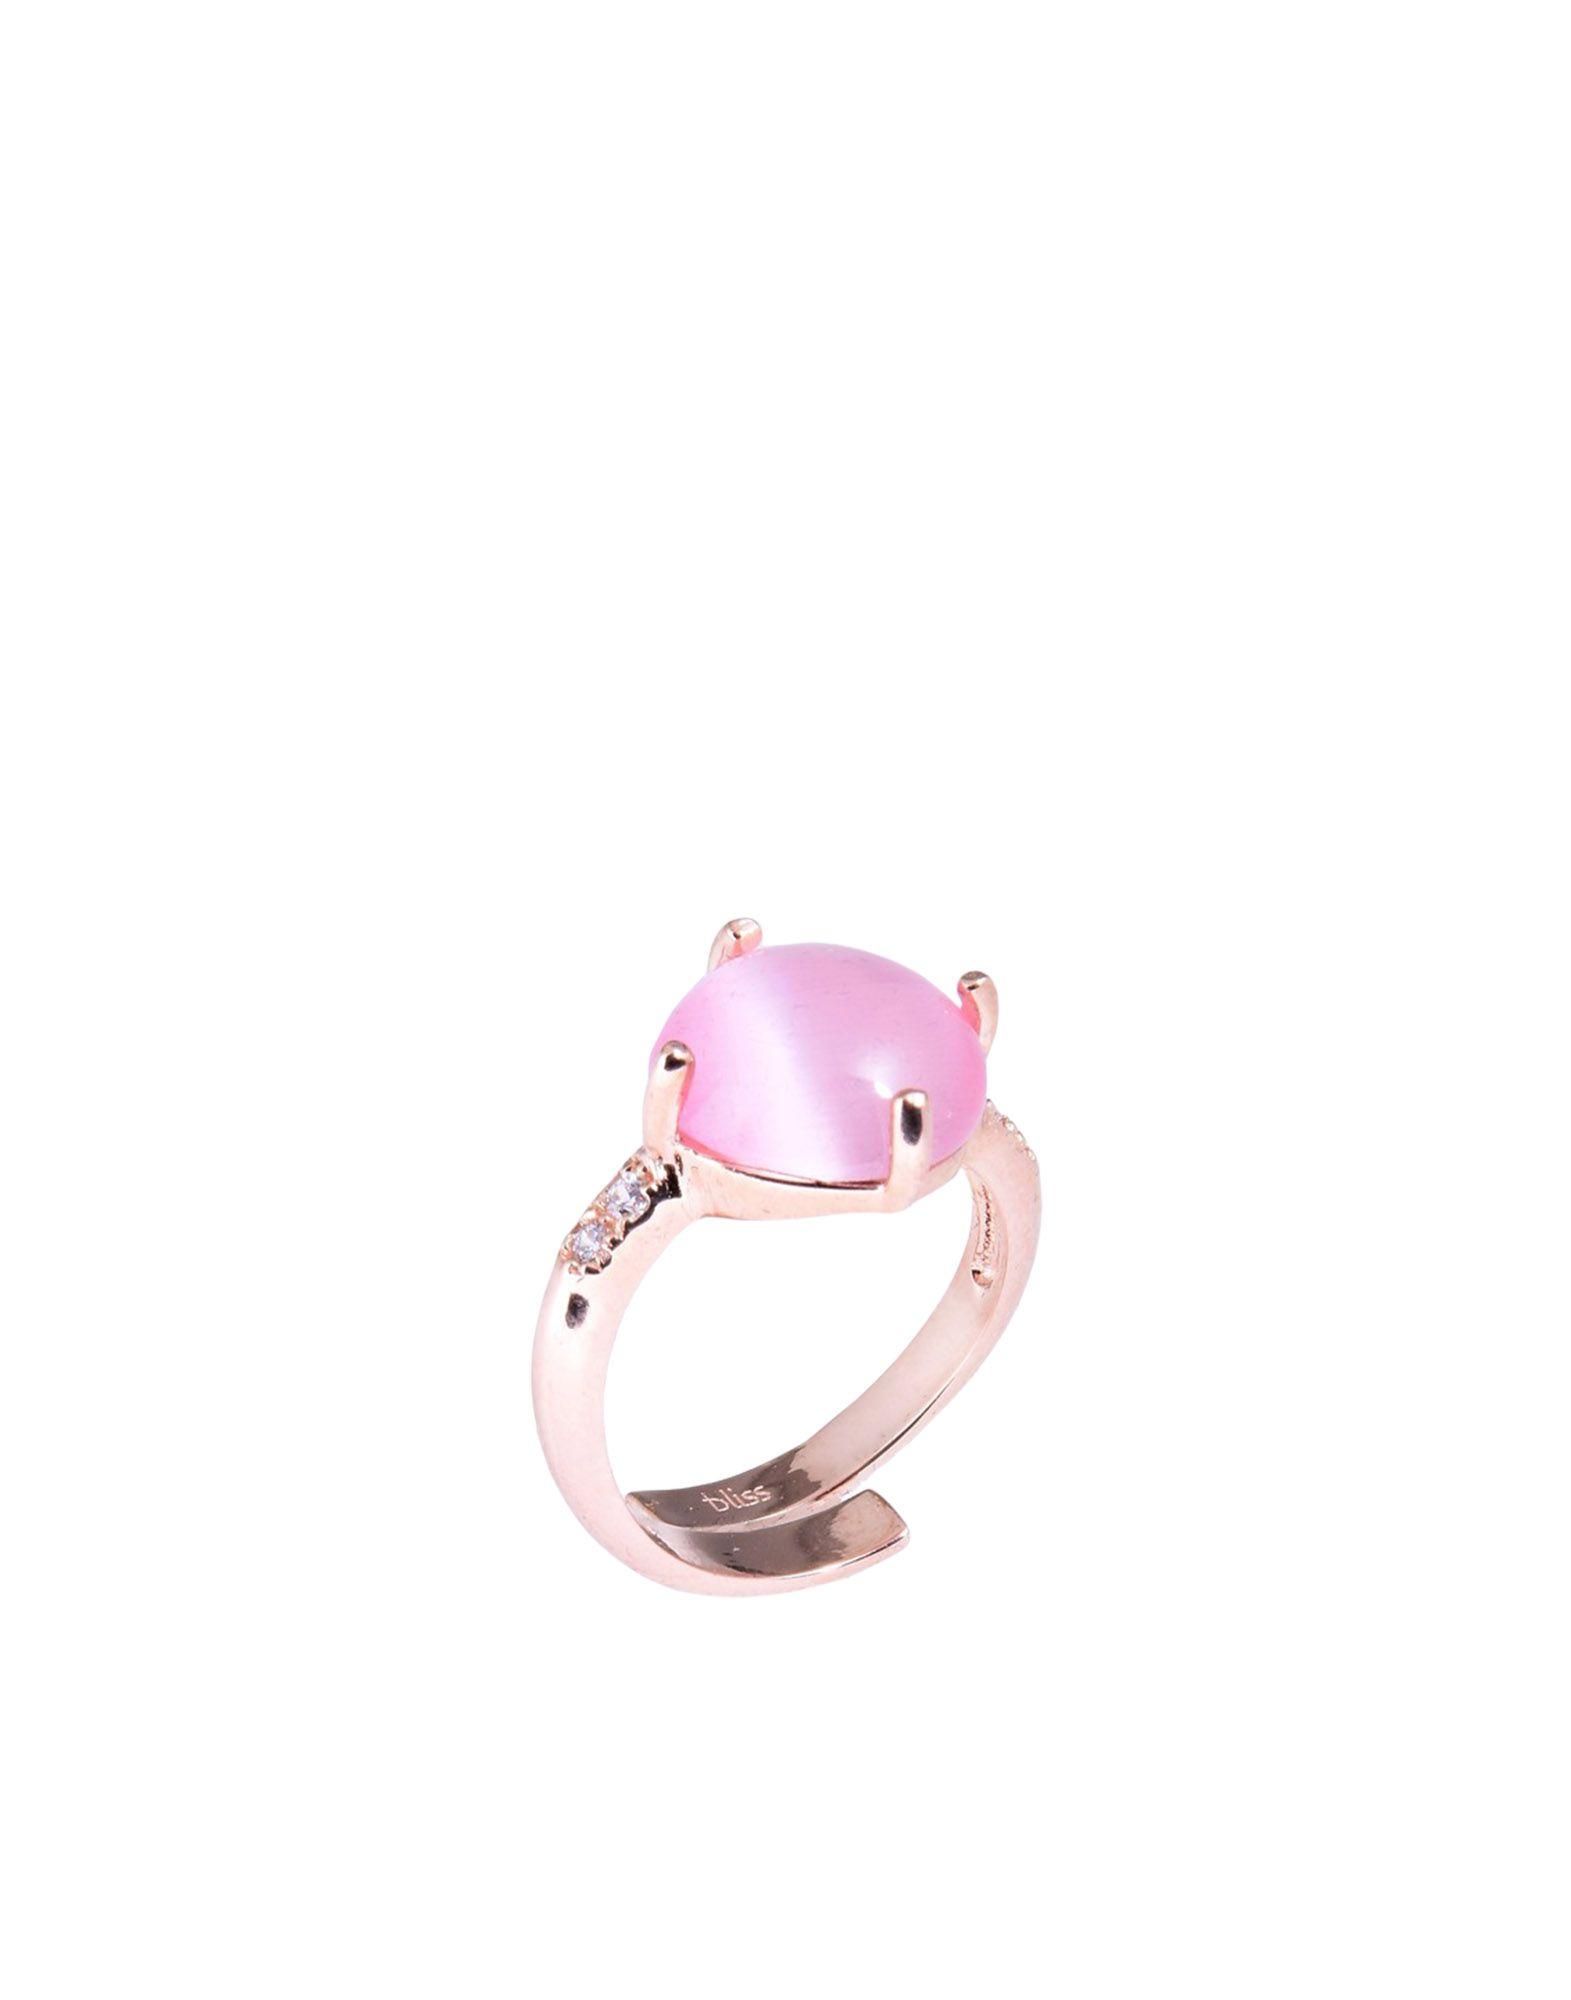 《送料無料》BLISS レディース 指輪 ゴールド 14 シルバー925/1000 / 合成石